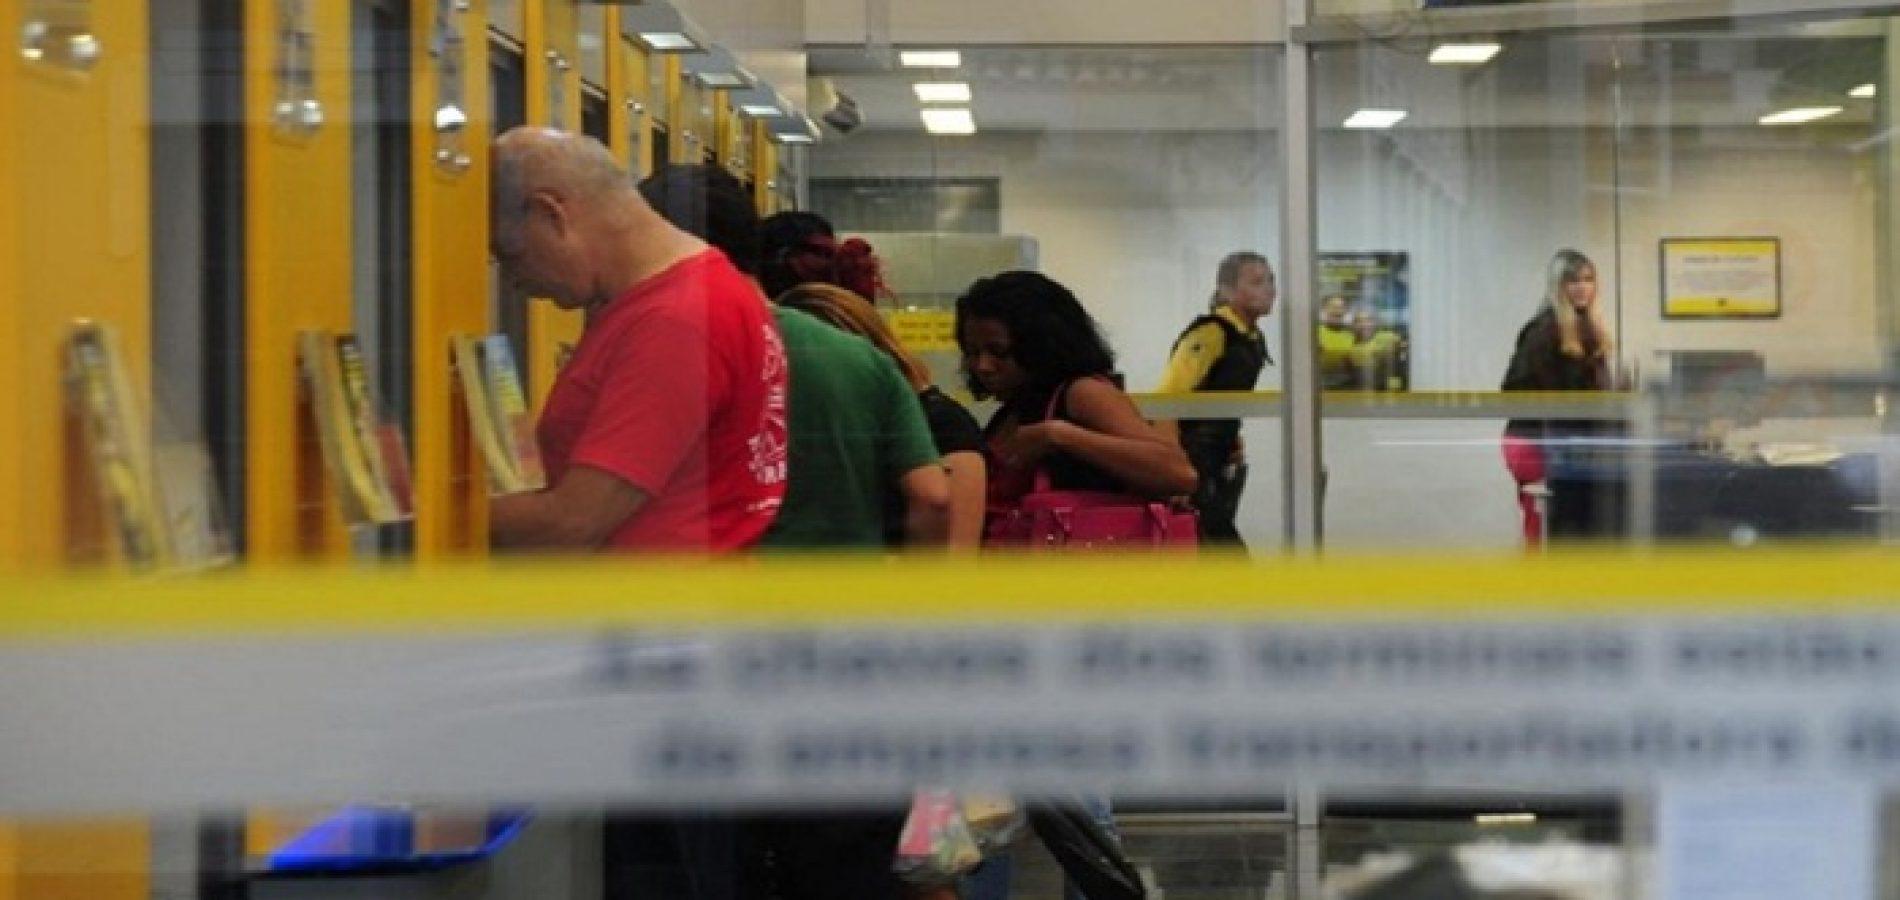 Sob decreto de isolamento, população lota agências bancárias em Teresina